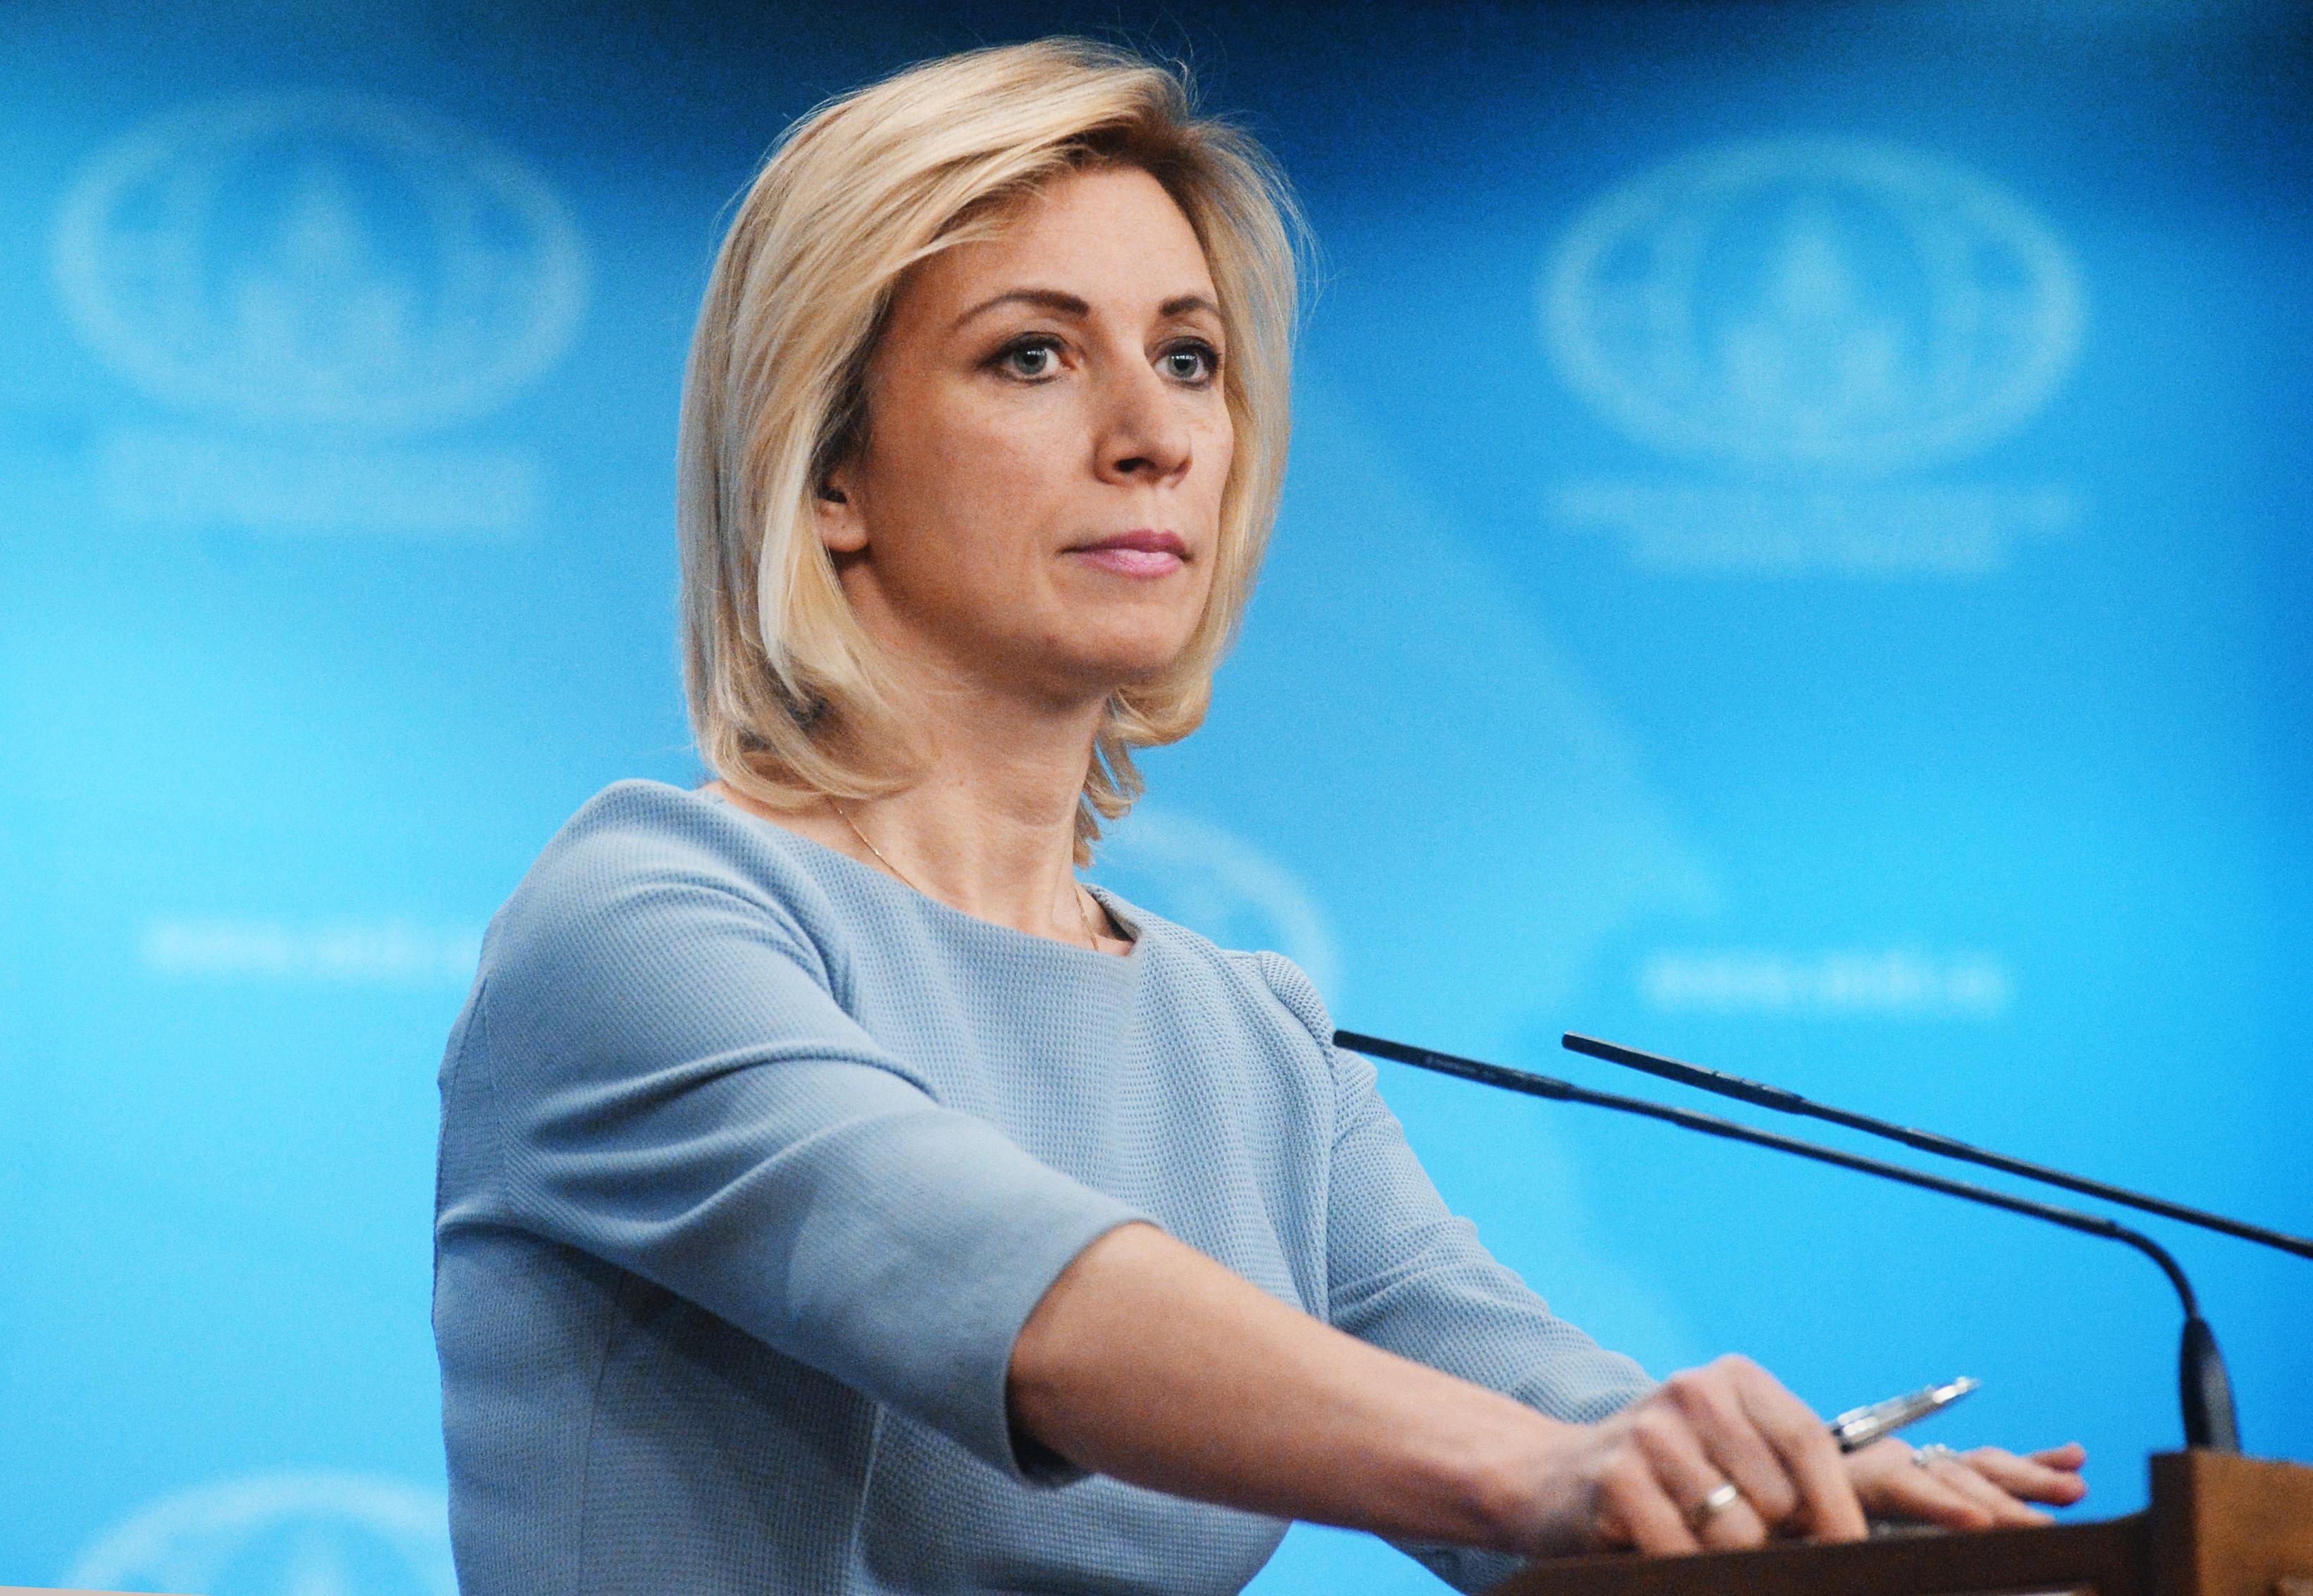 Захарова пообещала Пескову «не без удовольствия» ответить на заявления Госдепа